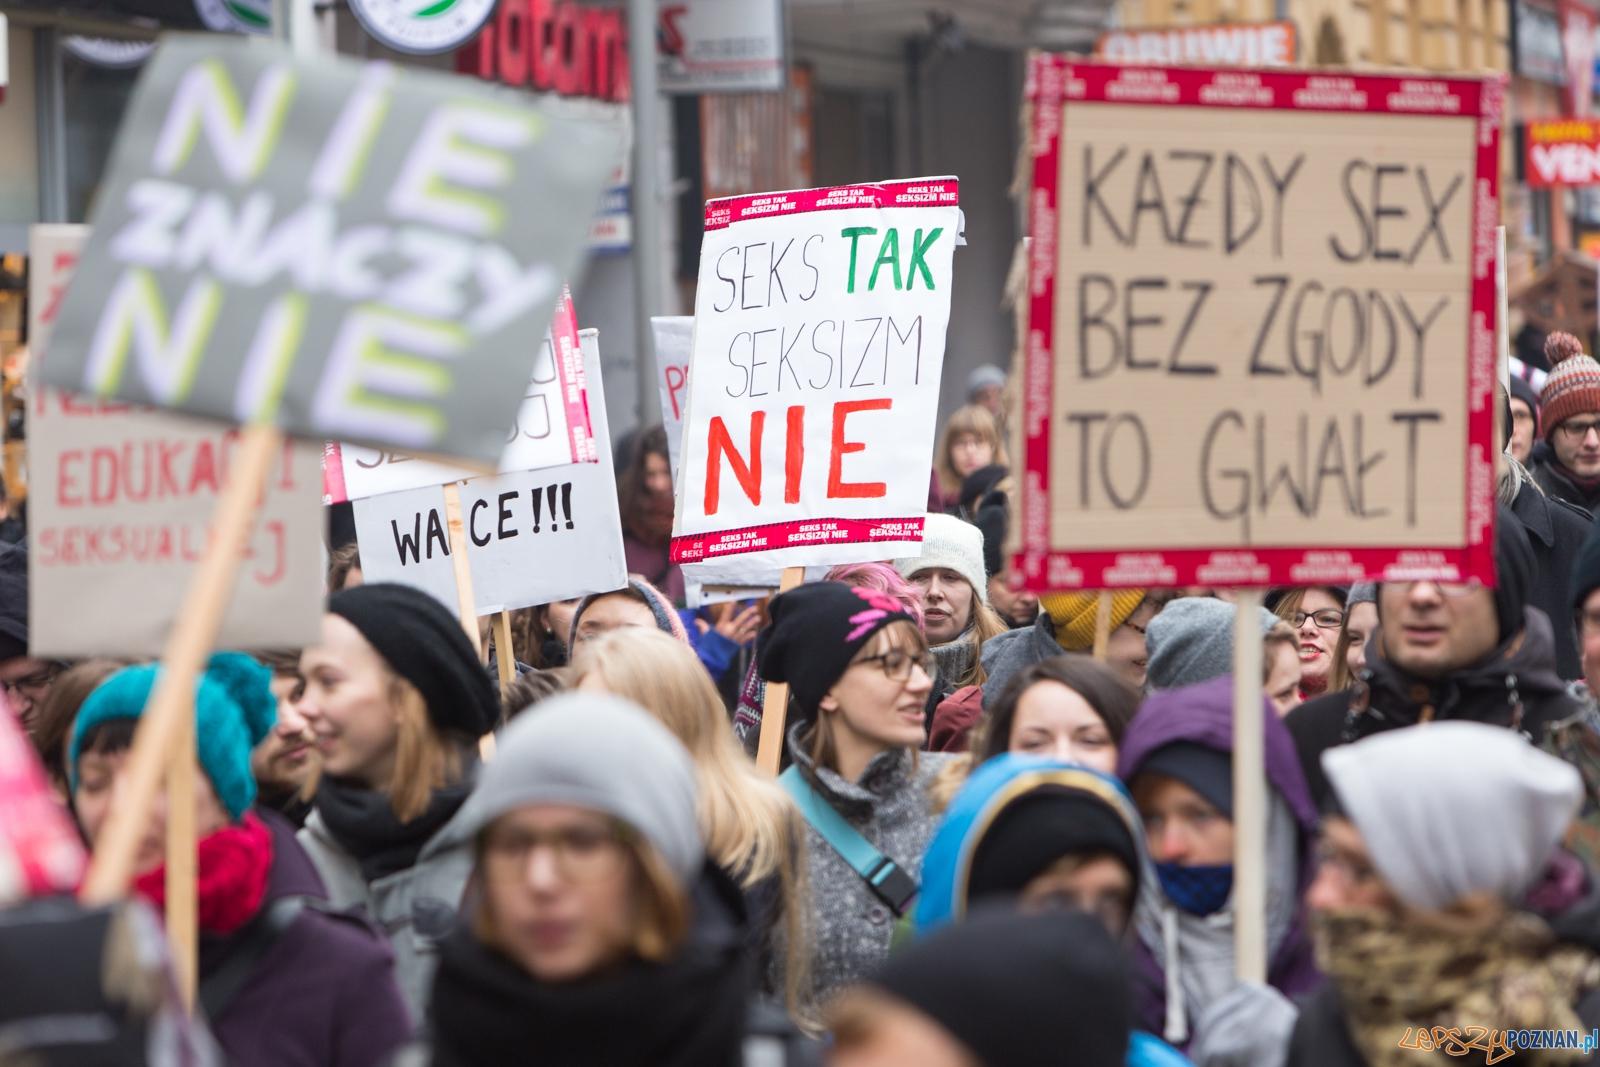 Solidarnie przeciw kulturze gwałtu – Manifa 2016 w Poznaniu  Foto: lepszyPOZNAN.pl / Piotr Rychter